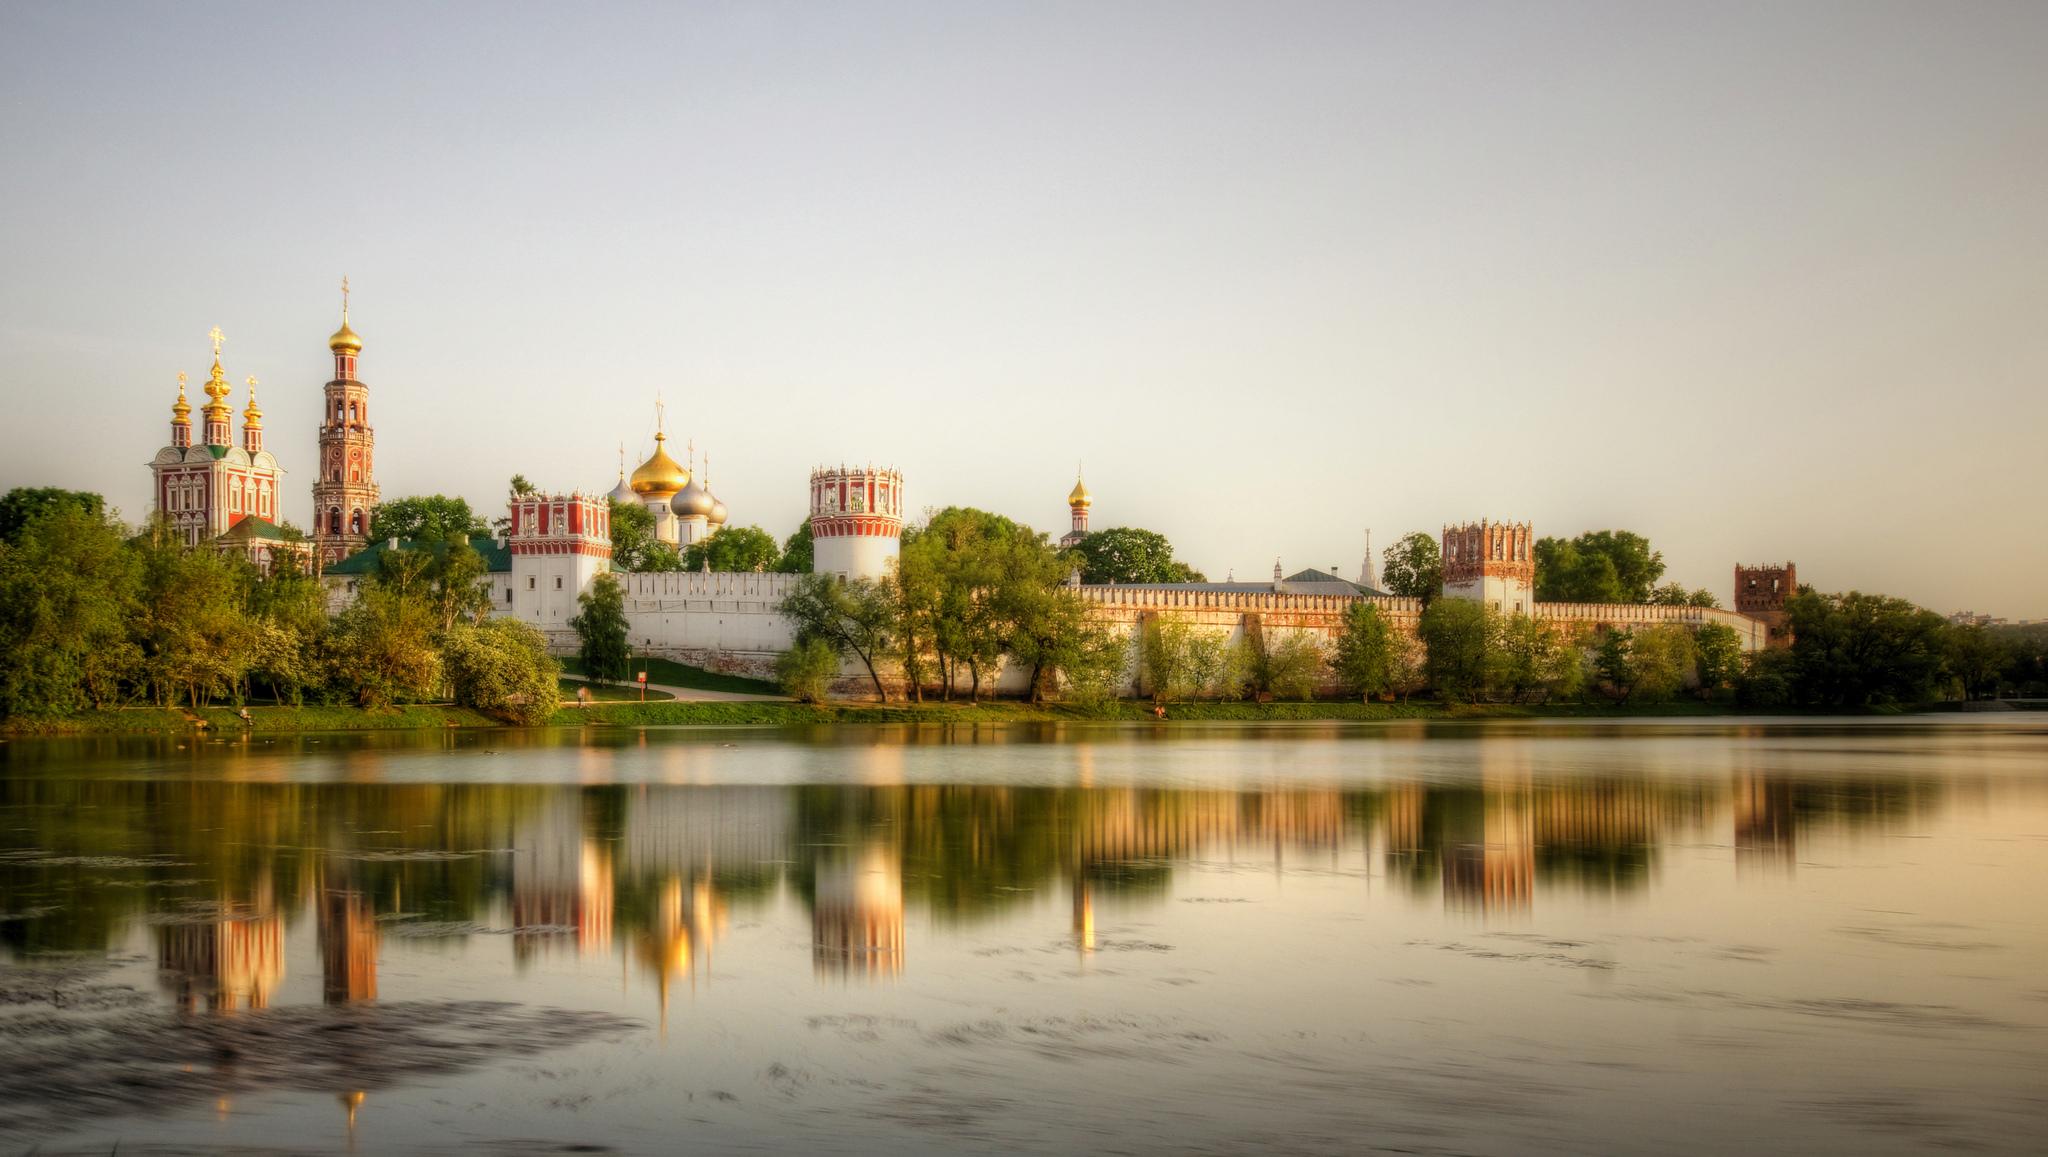 Новодевичий монастырь на водах Большого Новодевичьего пруда